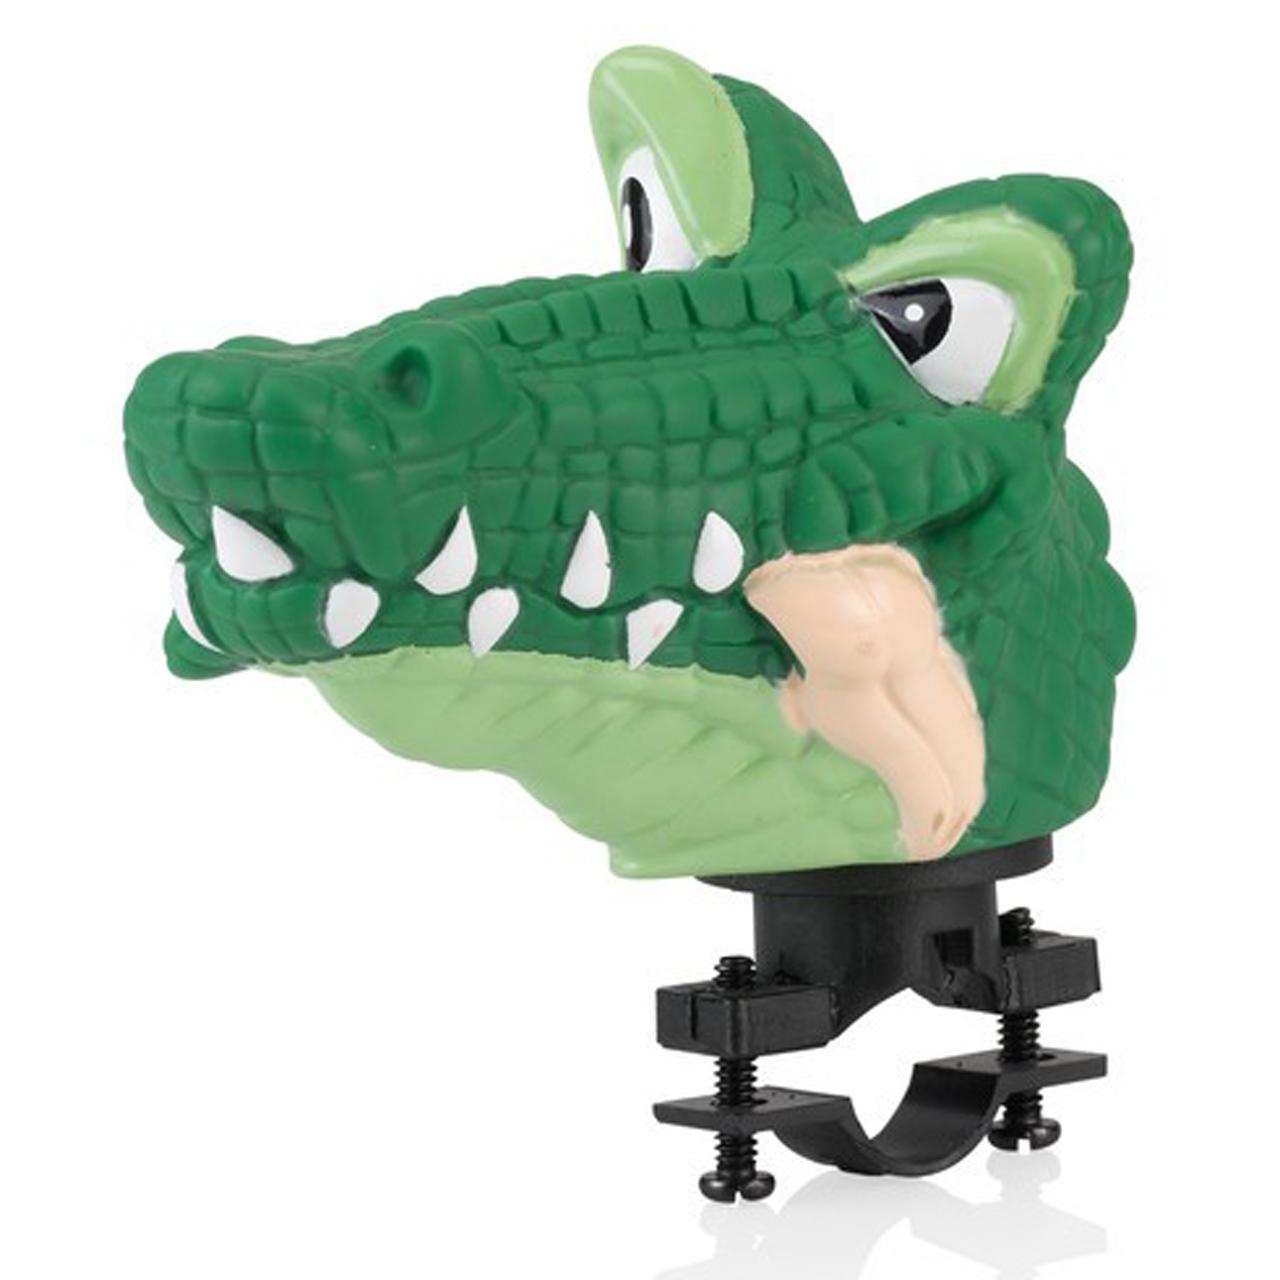 XLC Fahrrad Klingel Kinderklingel Fahrradklingel Kinderhorn Krokodil